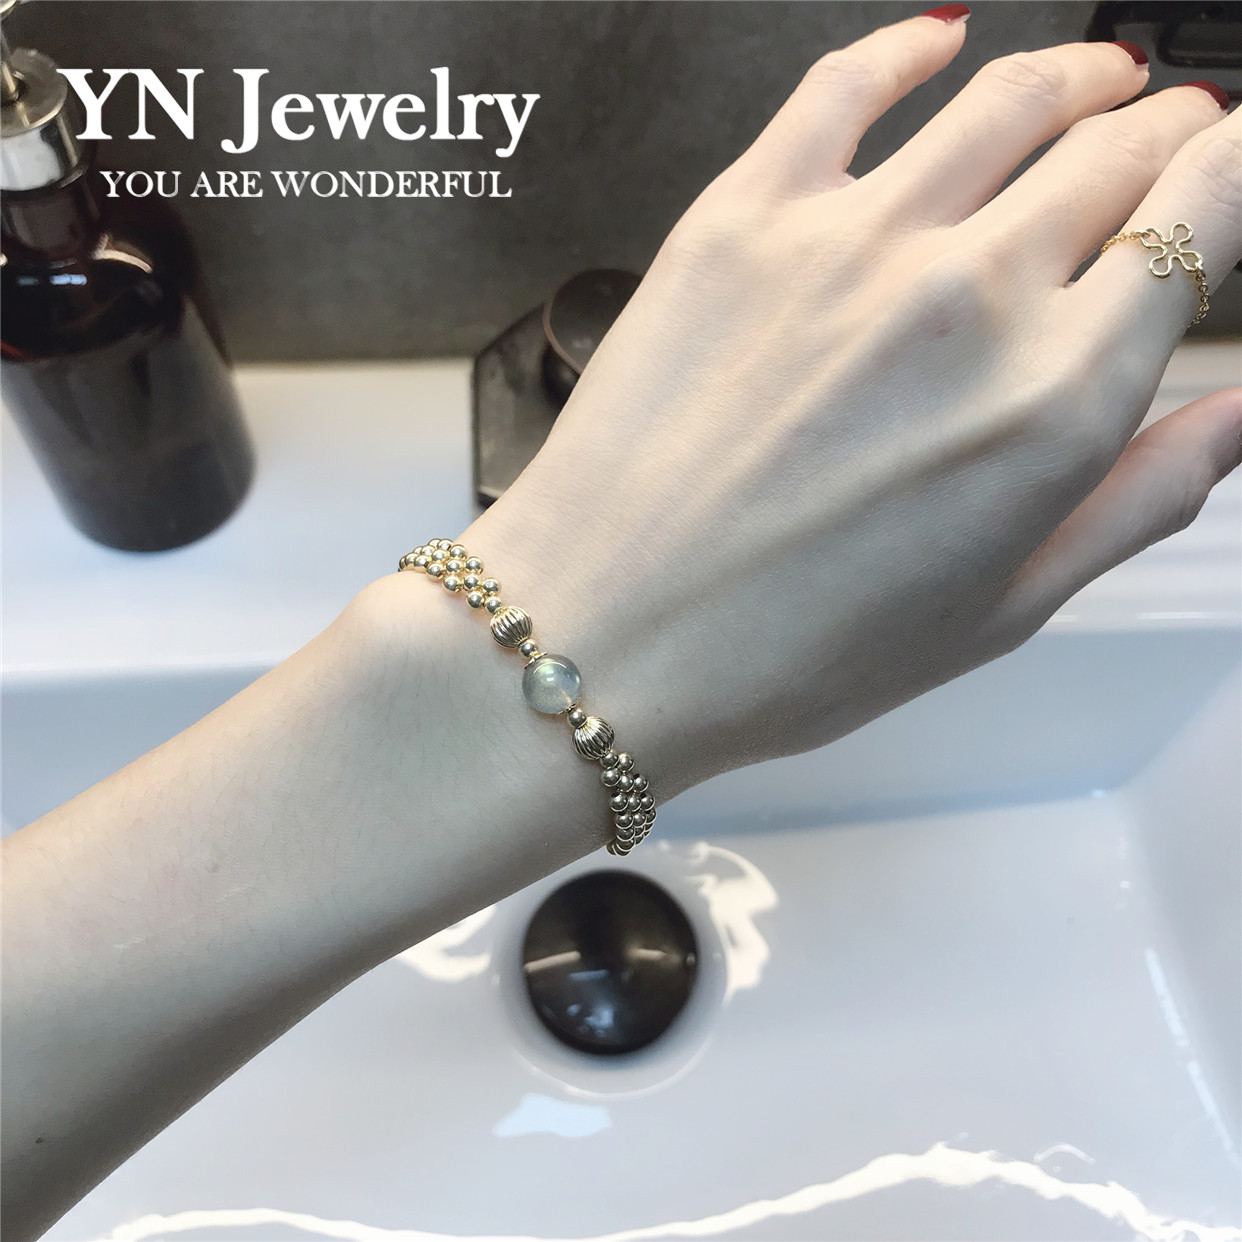 天然冰种蓝光灰月光石水晶14k包金手链女助睡眠气质个性时尚清新